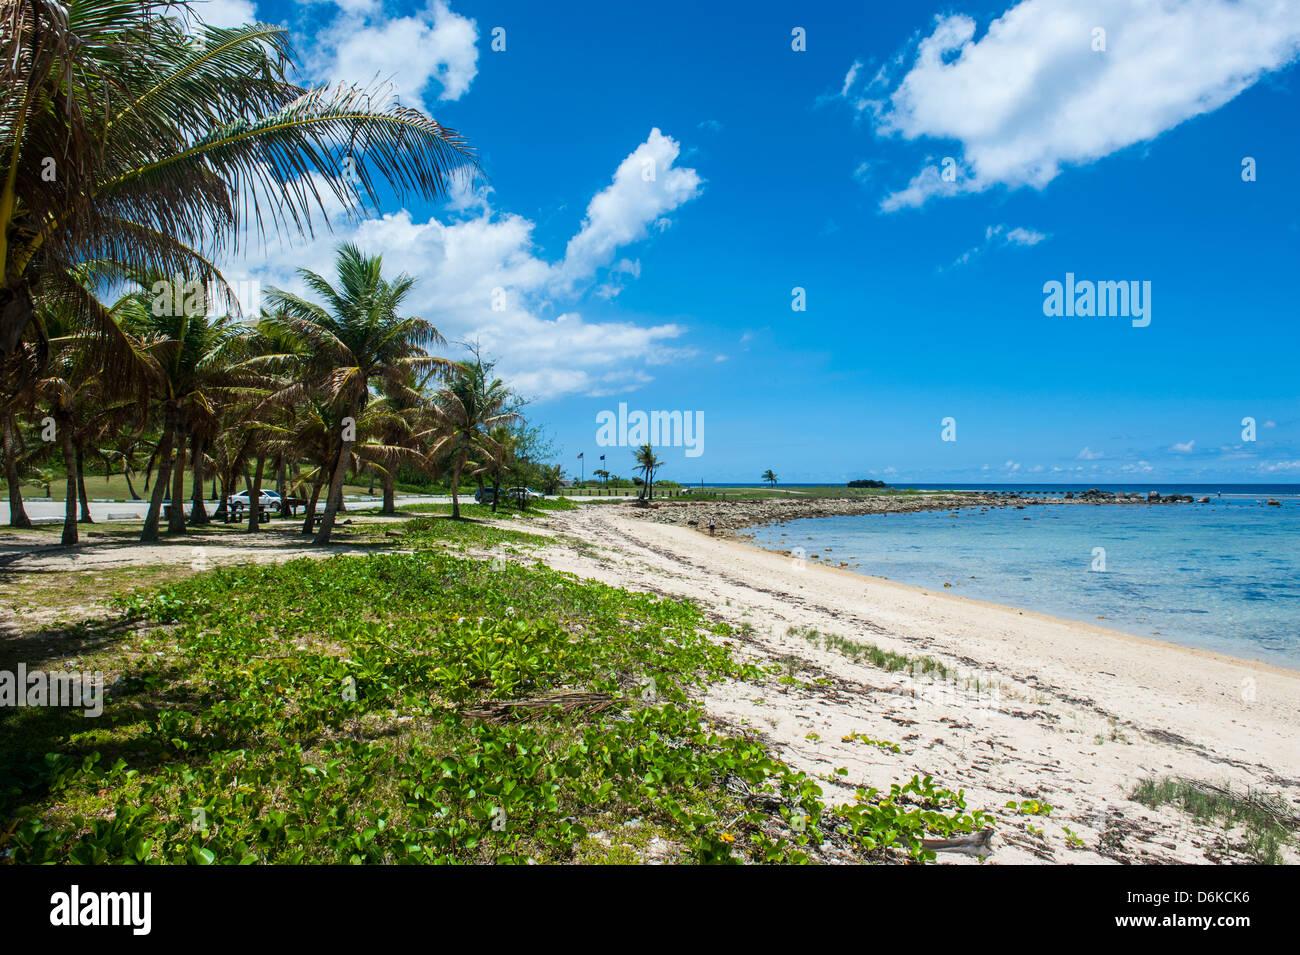 Sandy Bay en el Parque Histórico Nacional del Pacífico, Guam, territorio estadounidense, Pacífico Central, Pacífico Foto de stock